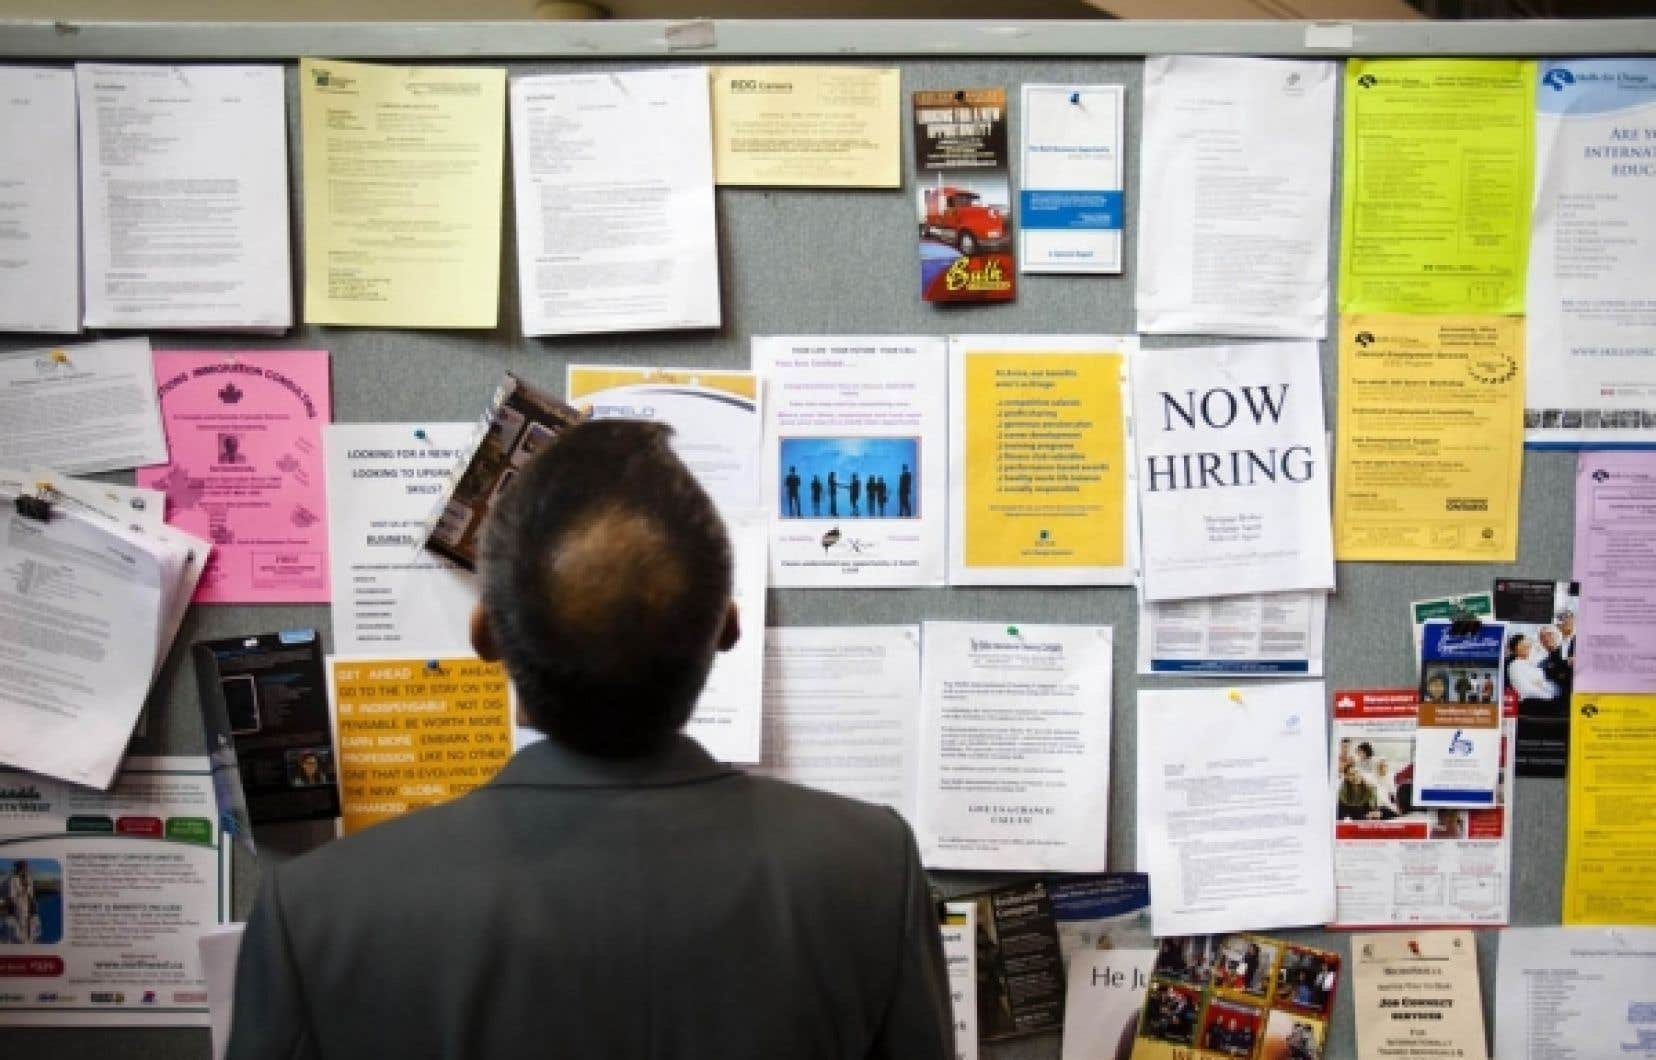 Un homme consulte les offres d'emploi affichées sur un tableau. Les chômeurs n'auront bientôt plus droit aux prestations supplémentaires adoptées durant la crise. De plus, employeurs et travailleurs risquent de payer plus cher pour assurer la pérennité du régime d'assurance-emploi.